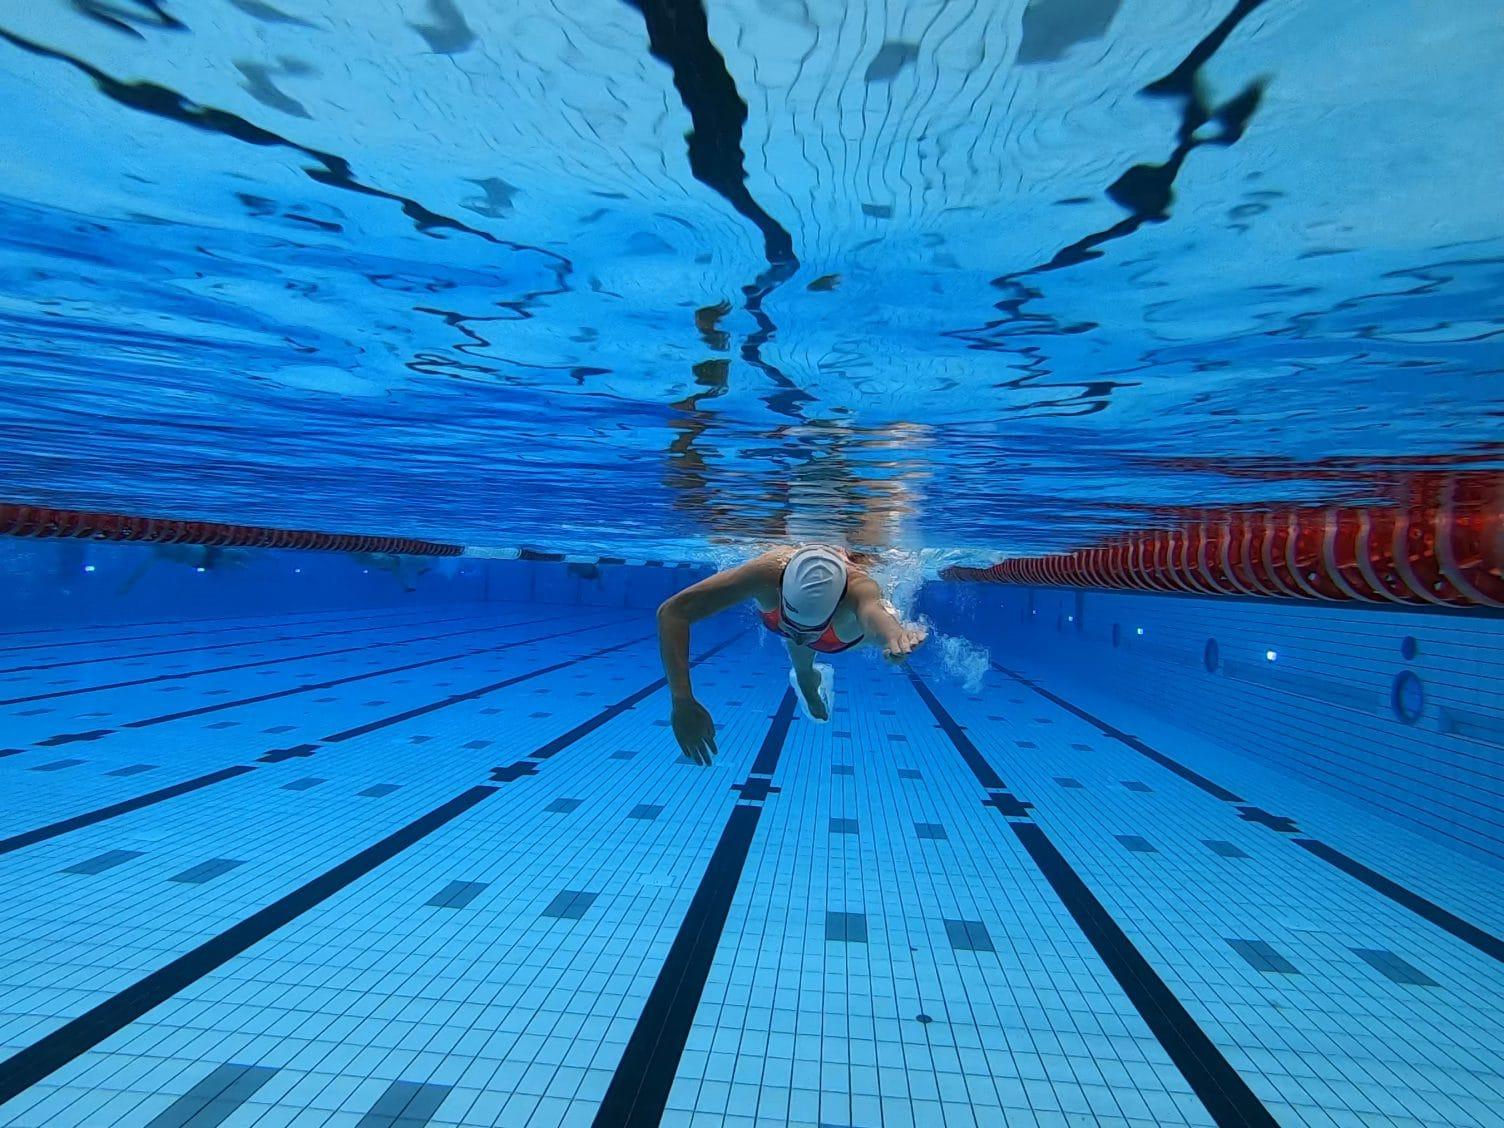 Doorhaal zwemmen onderwater